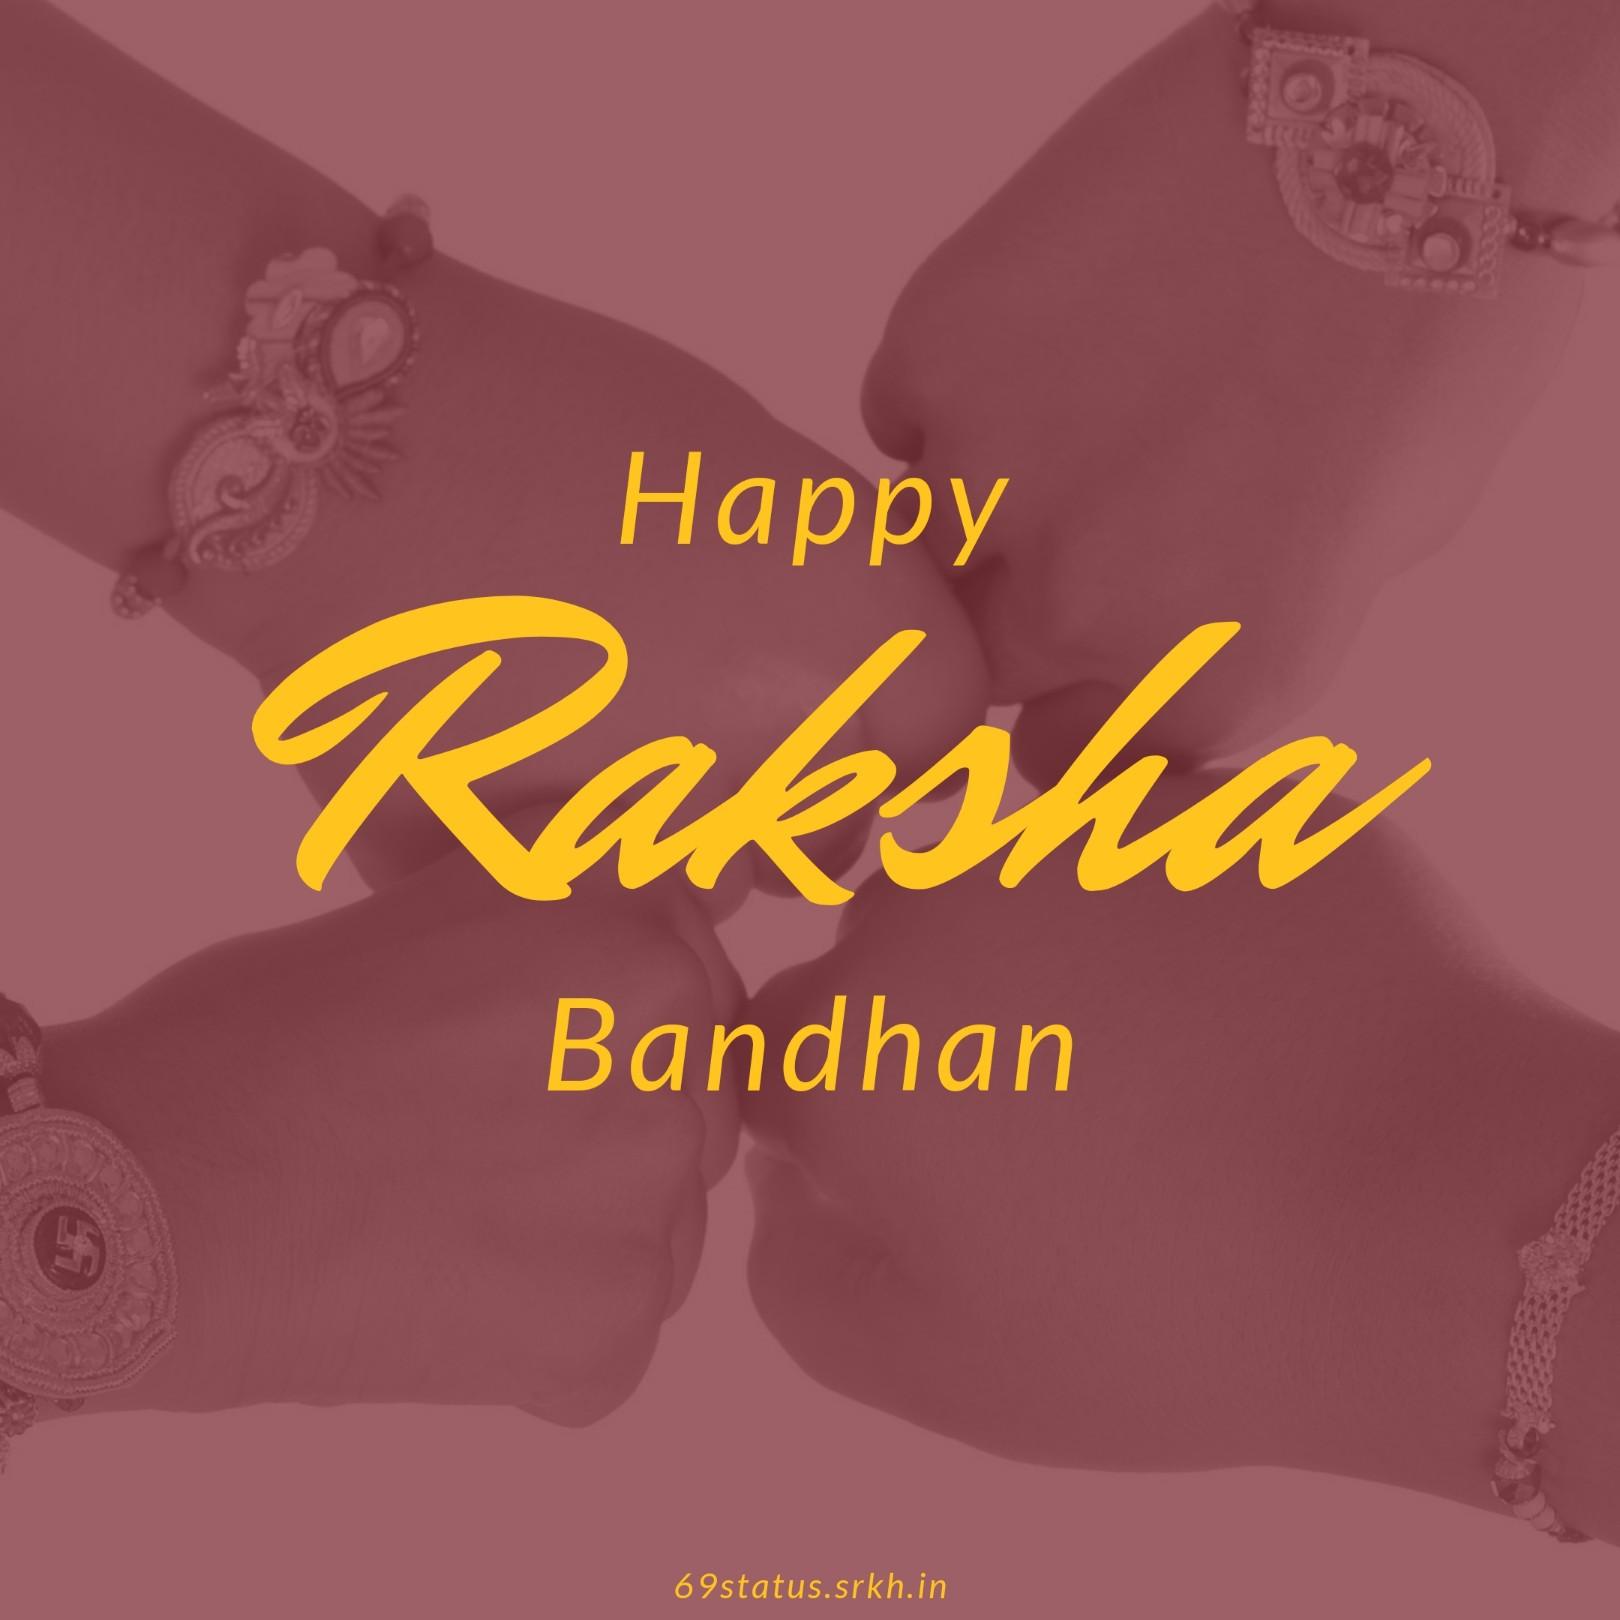 www raksha bandhan image full HD free download.